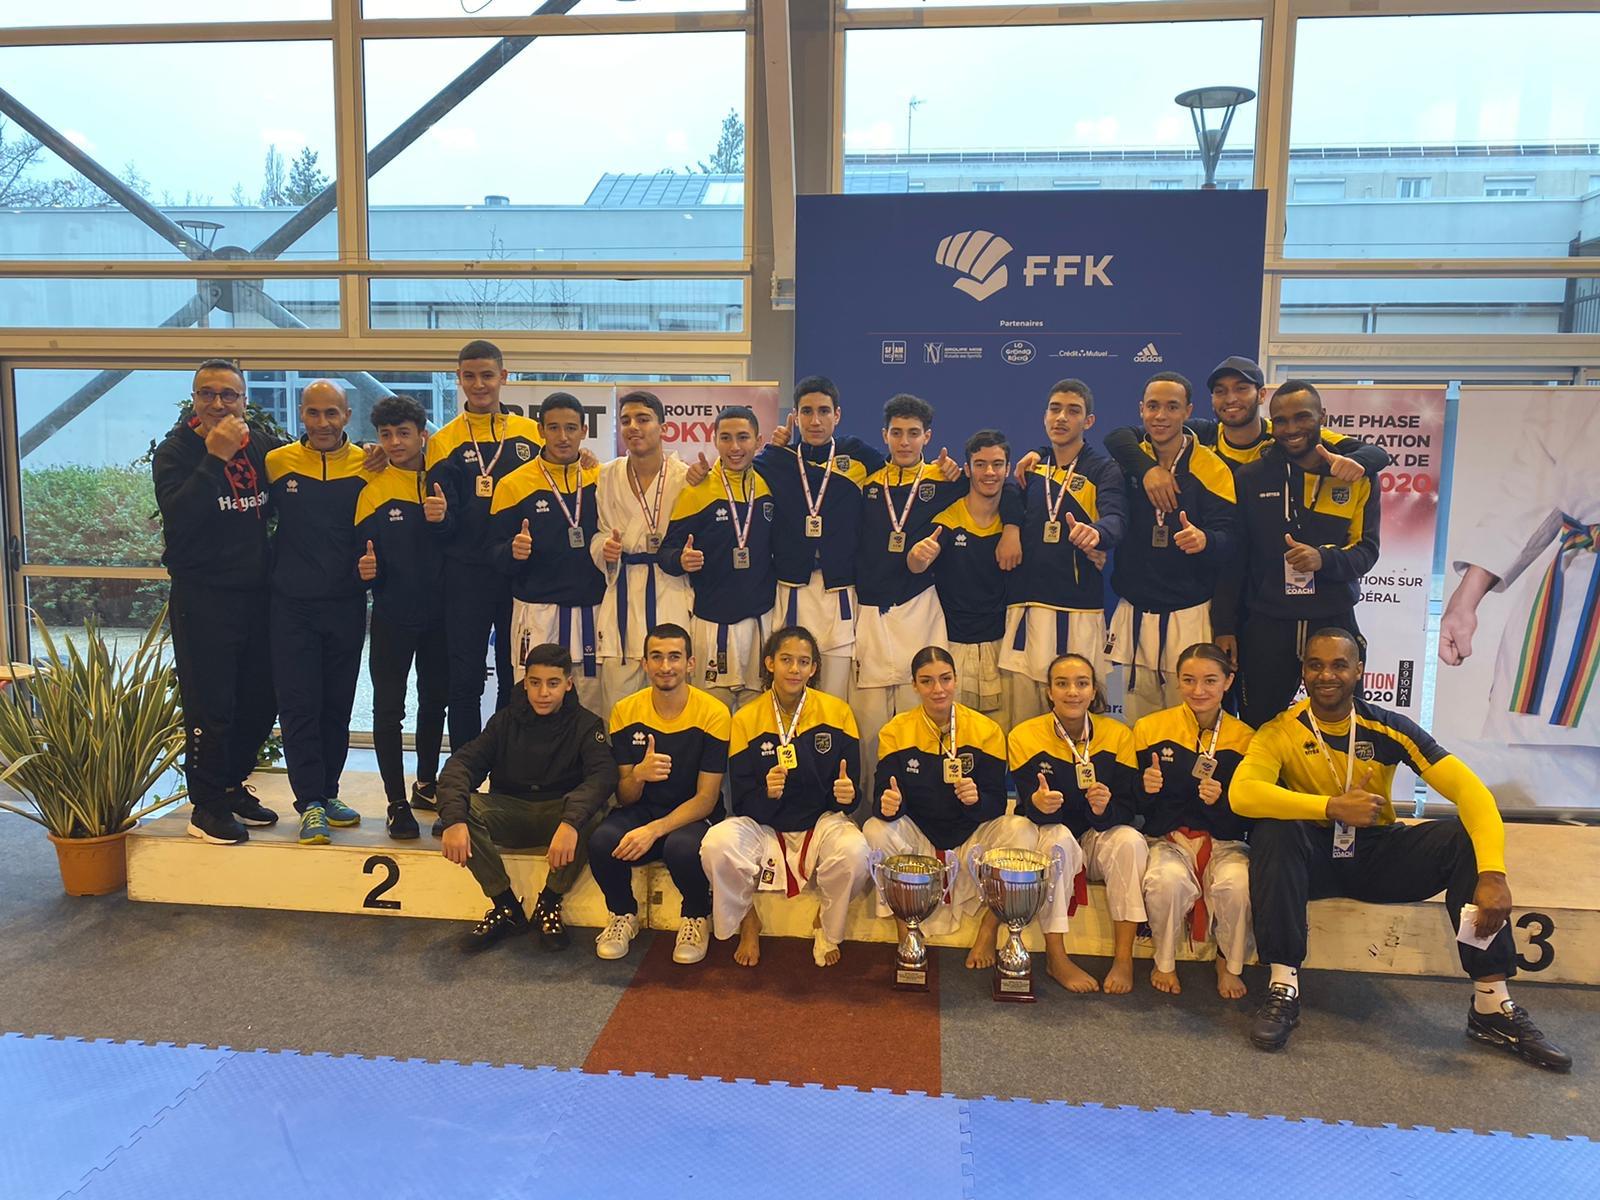 Coupe Junior 2019 - 23